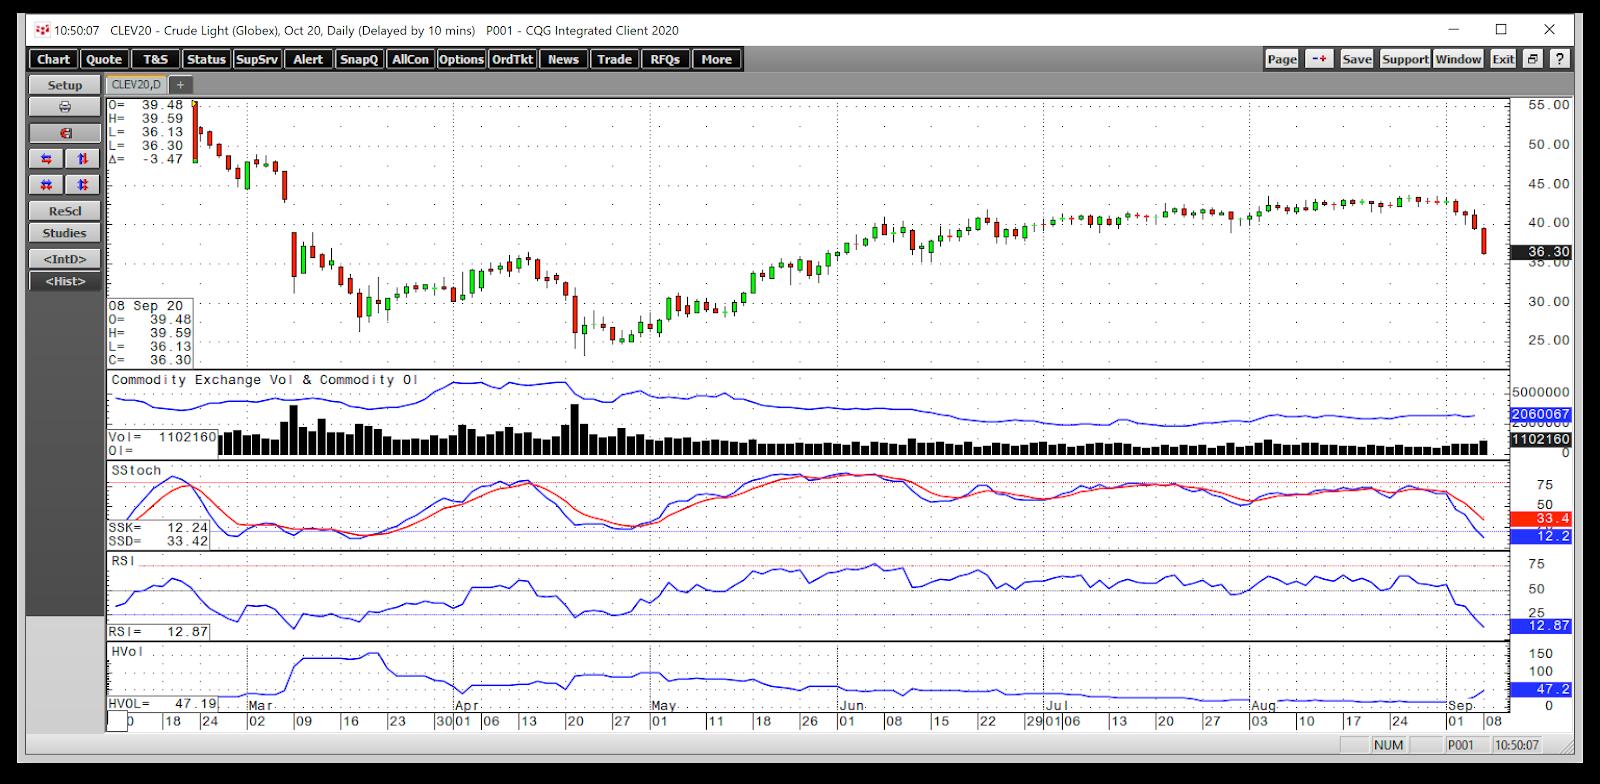 Globex Light Crude Chart.